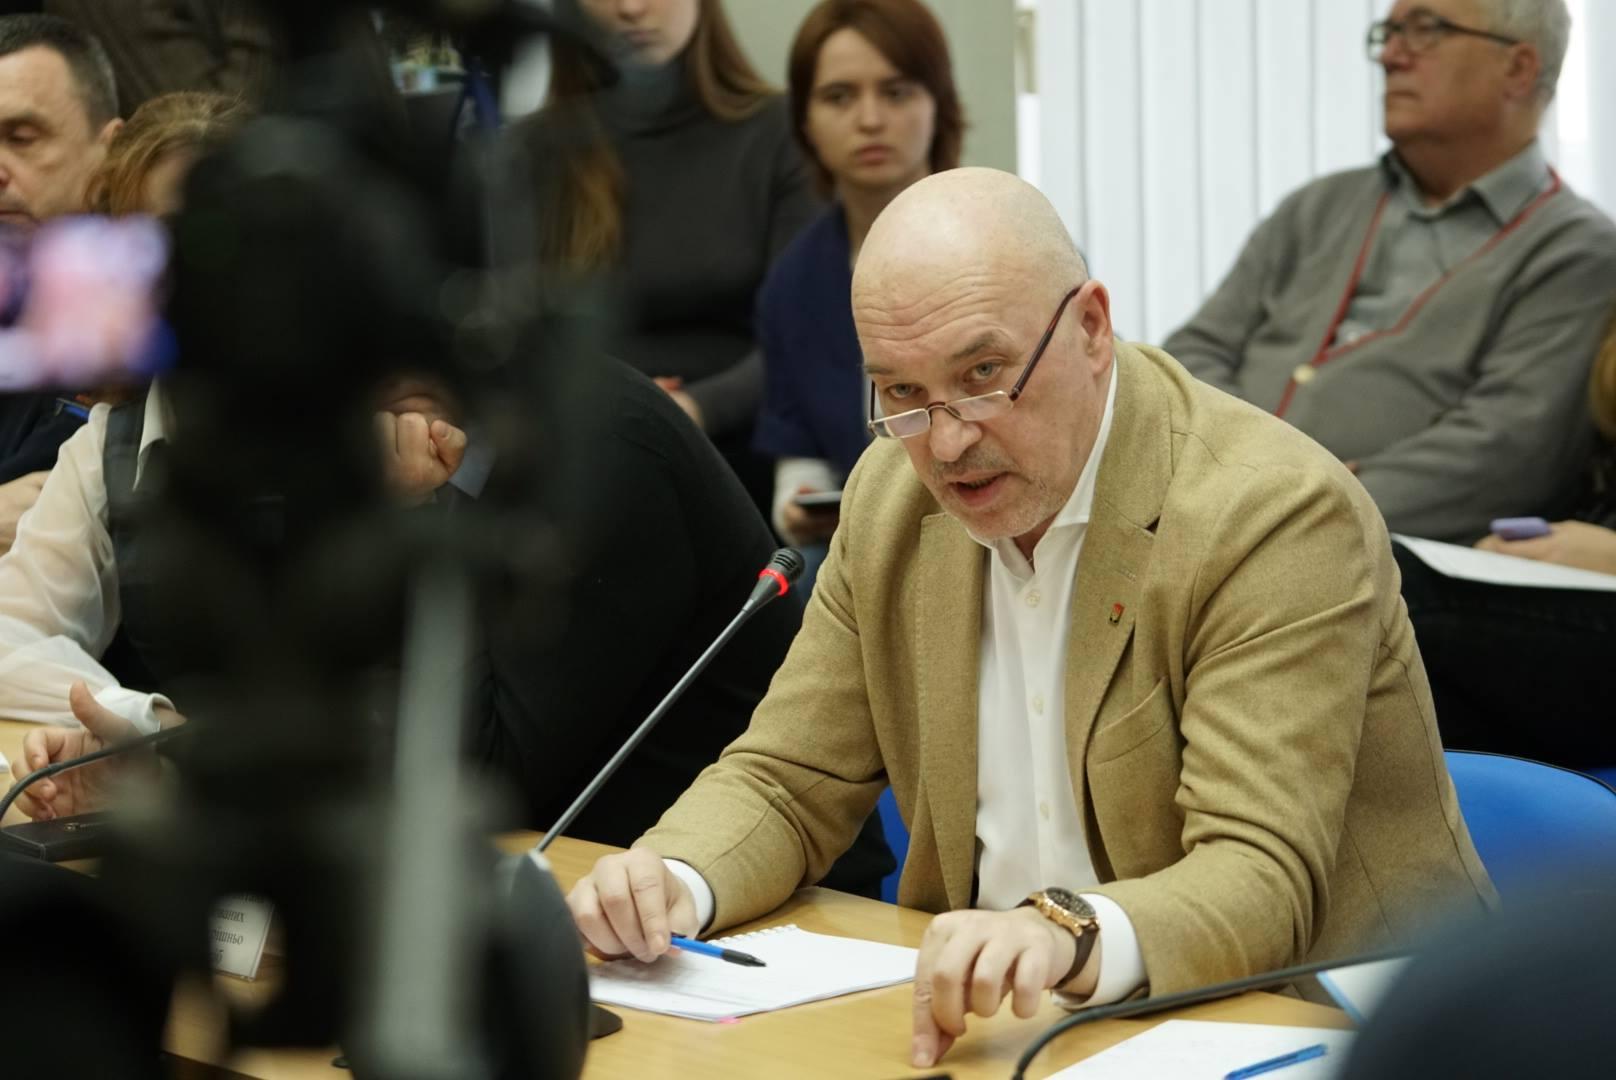 Заместитель министра по вопросам временно оккупированных территорий и внутренне перемещенных лиц Украины Георгий Тука / Источник: Facebook